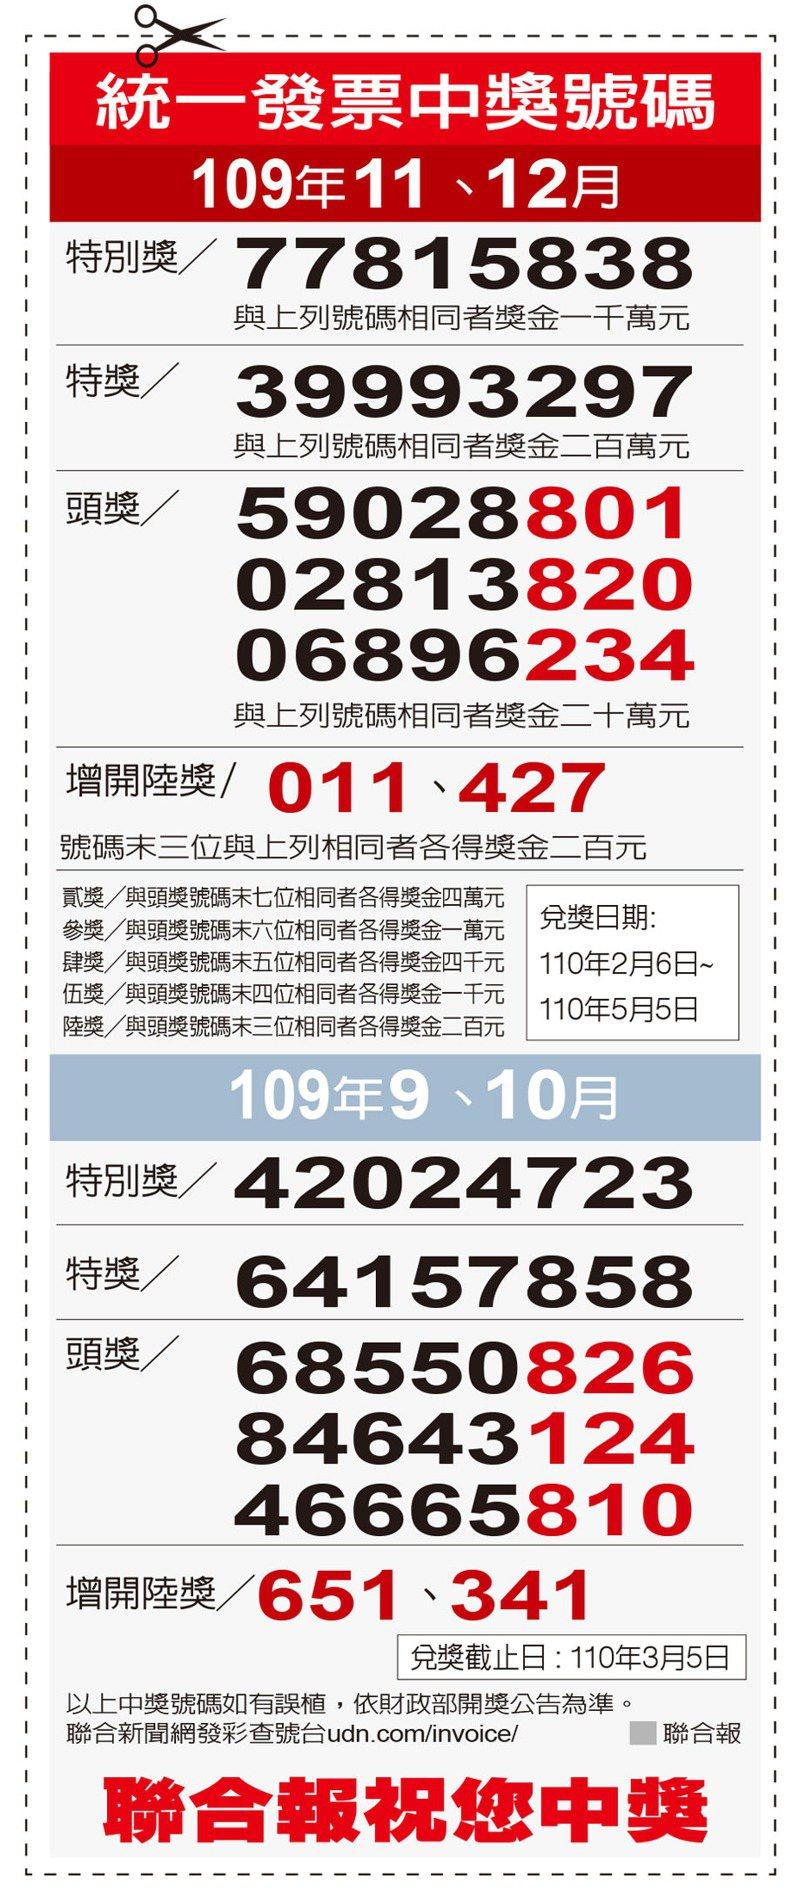 統一發票中獎號碼109年11、12月。 聯合報製表